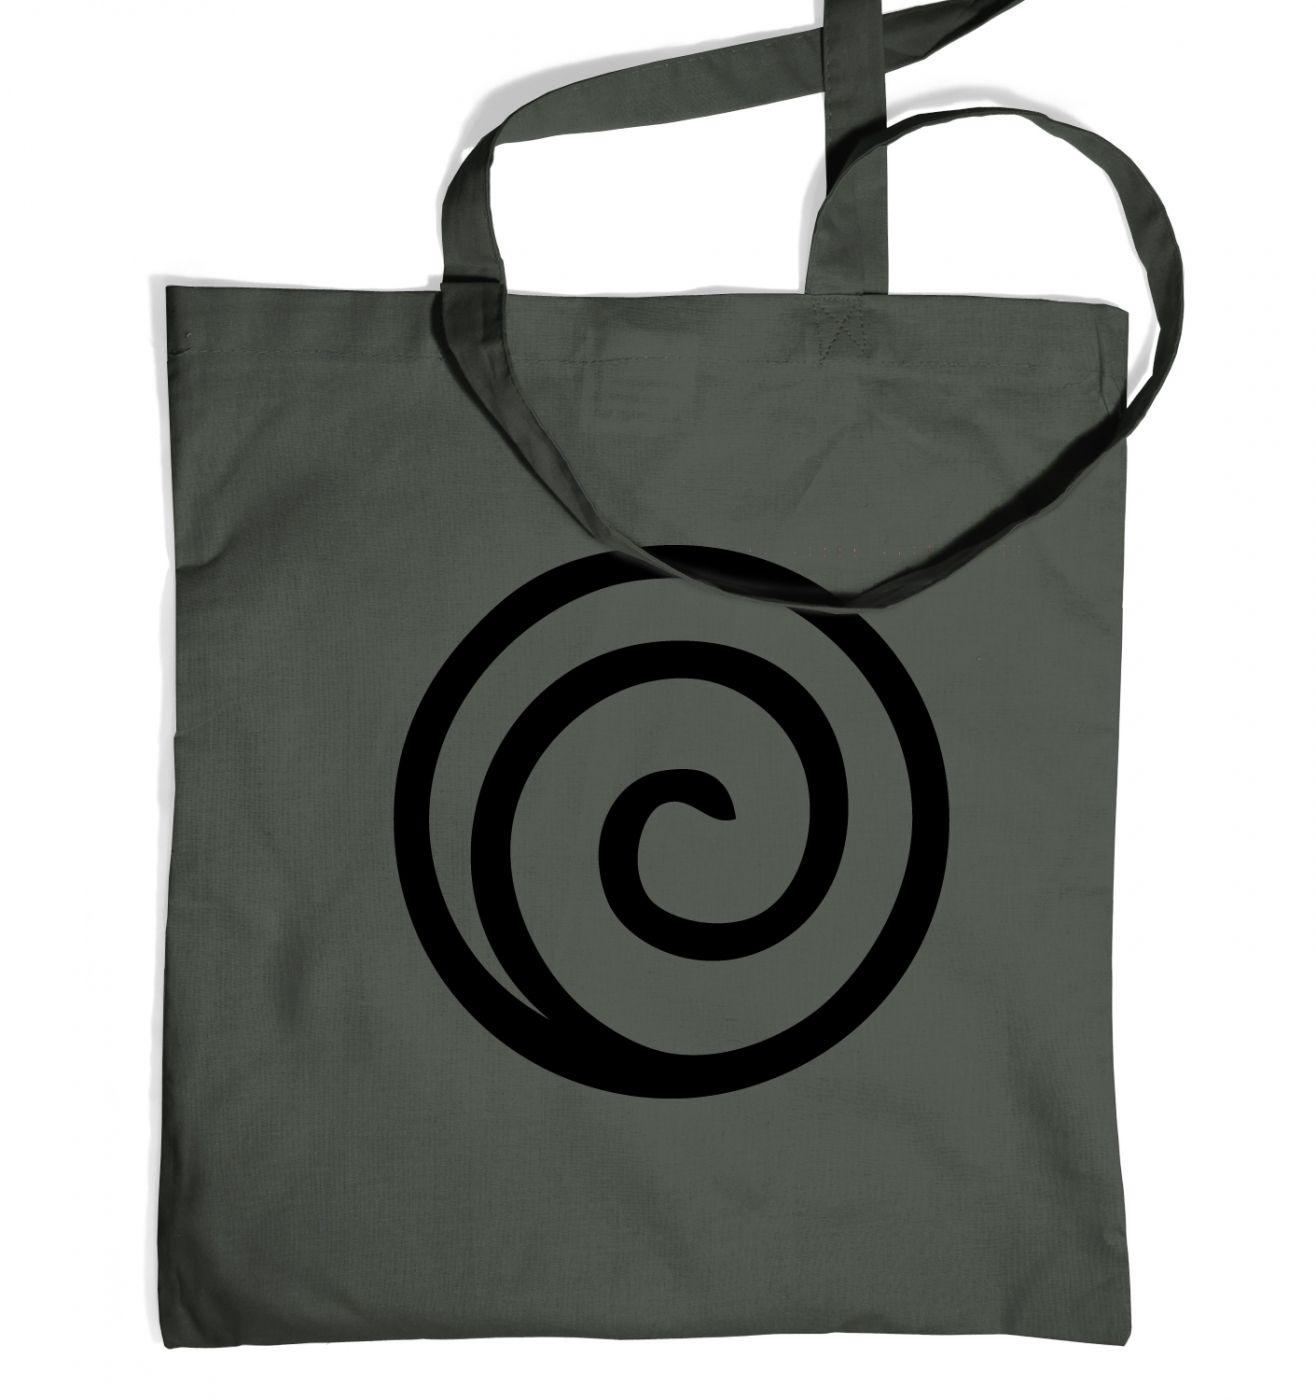 Demon Locking Seal tote bag